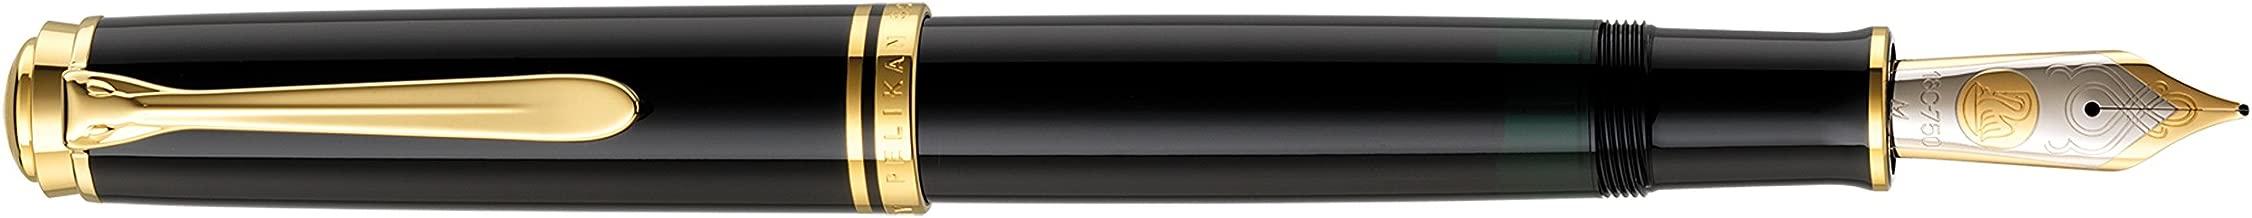 Pelikan Souverän M1000 Piston Fountain Pen Black - Nib F